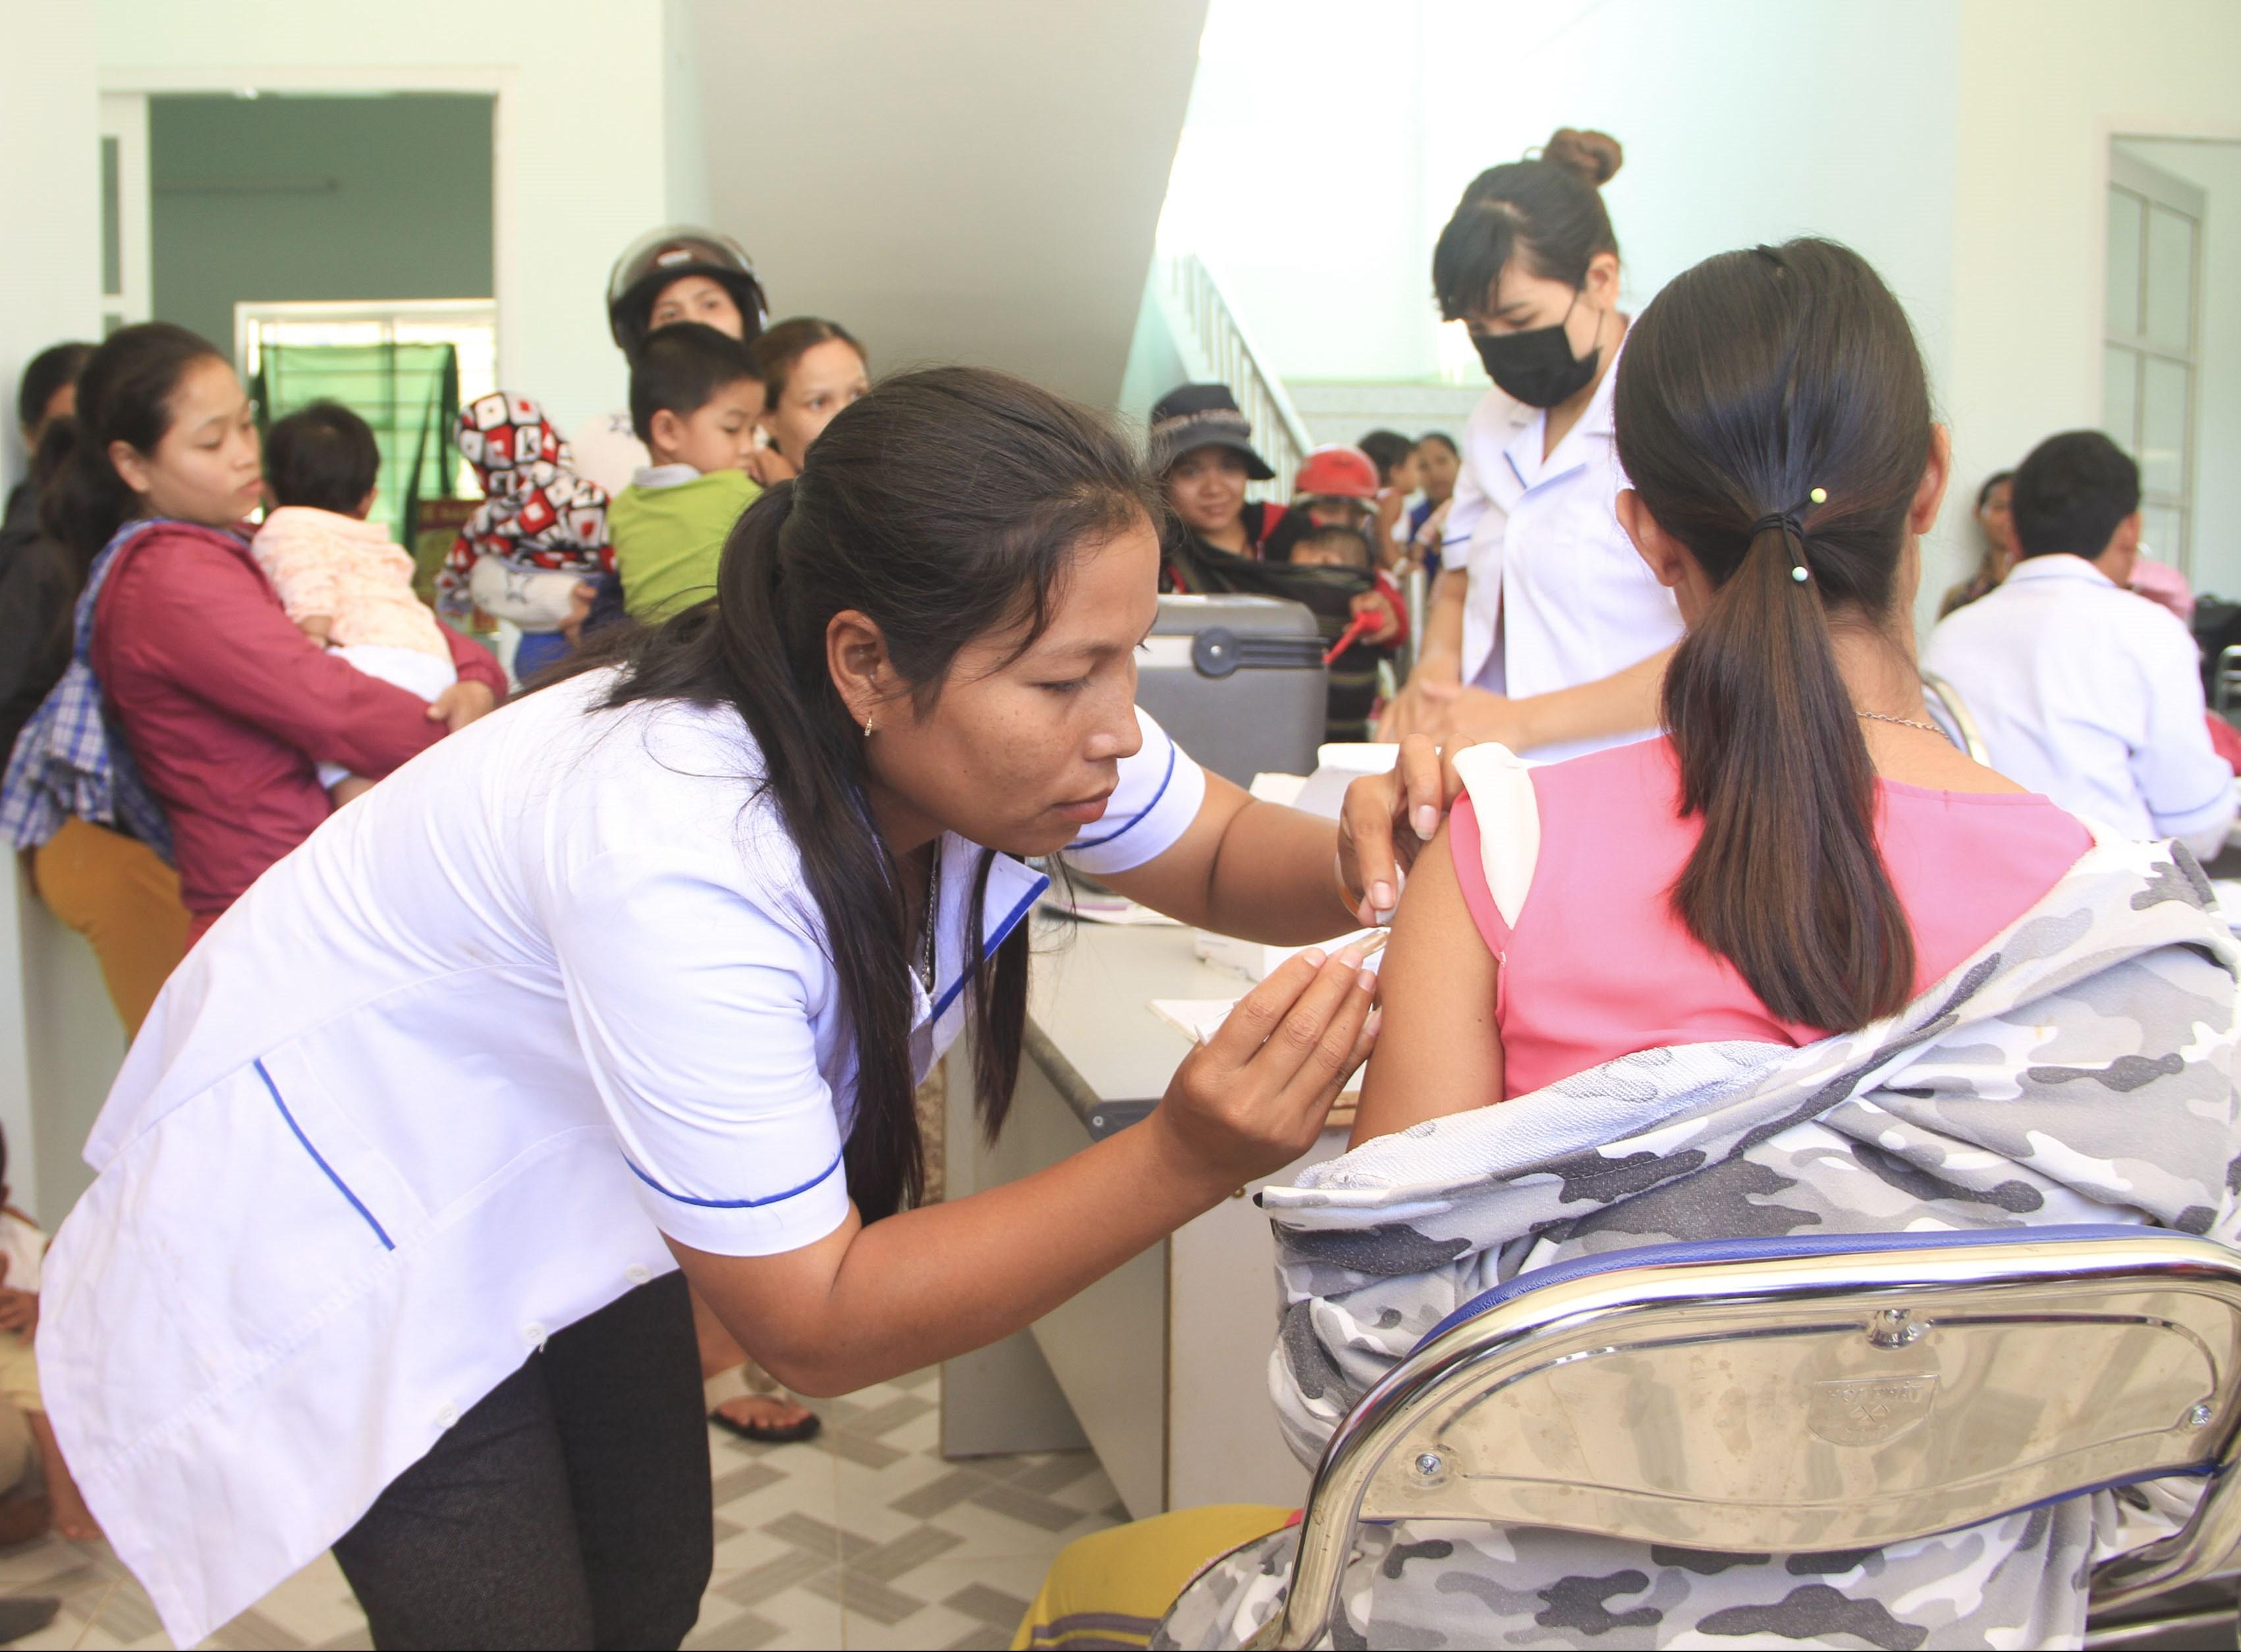 Chị Katơr Thị Nính đang tiêm vacxin cho các phụ nữ đang trong giai đoạn mang thai